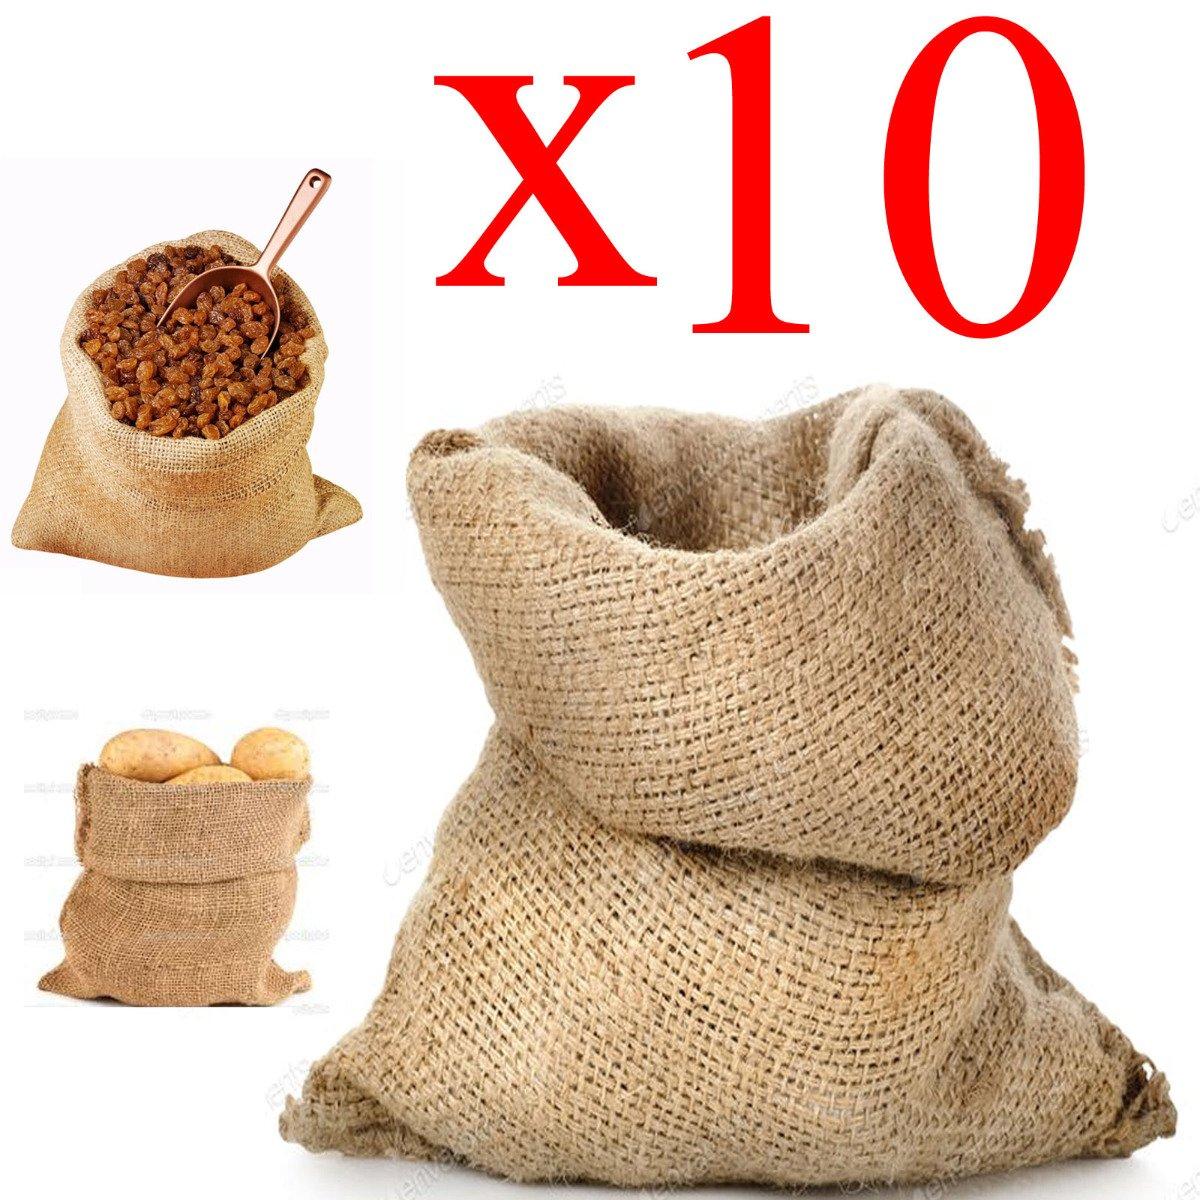 Sacco Juta 40x70 neutro naturale caffè cereali tela yuta regali 10 pezzi STI